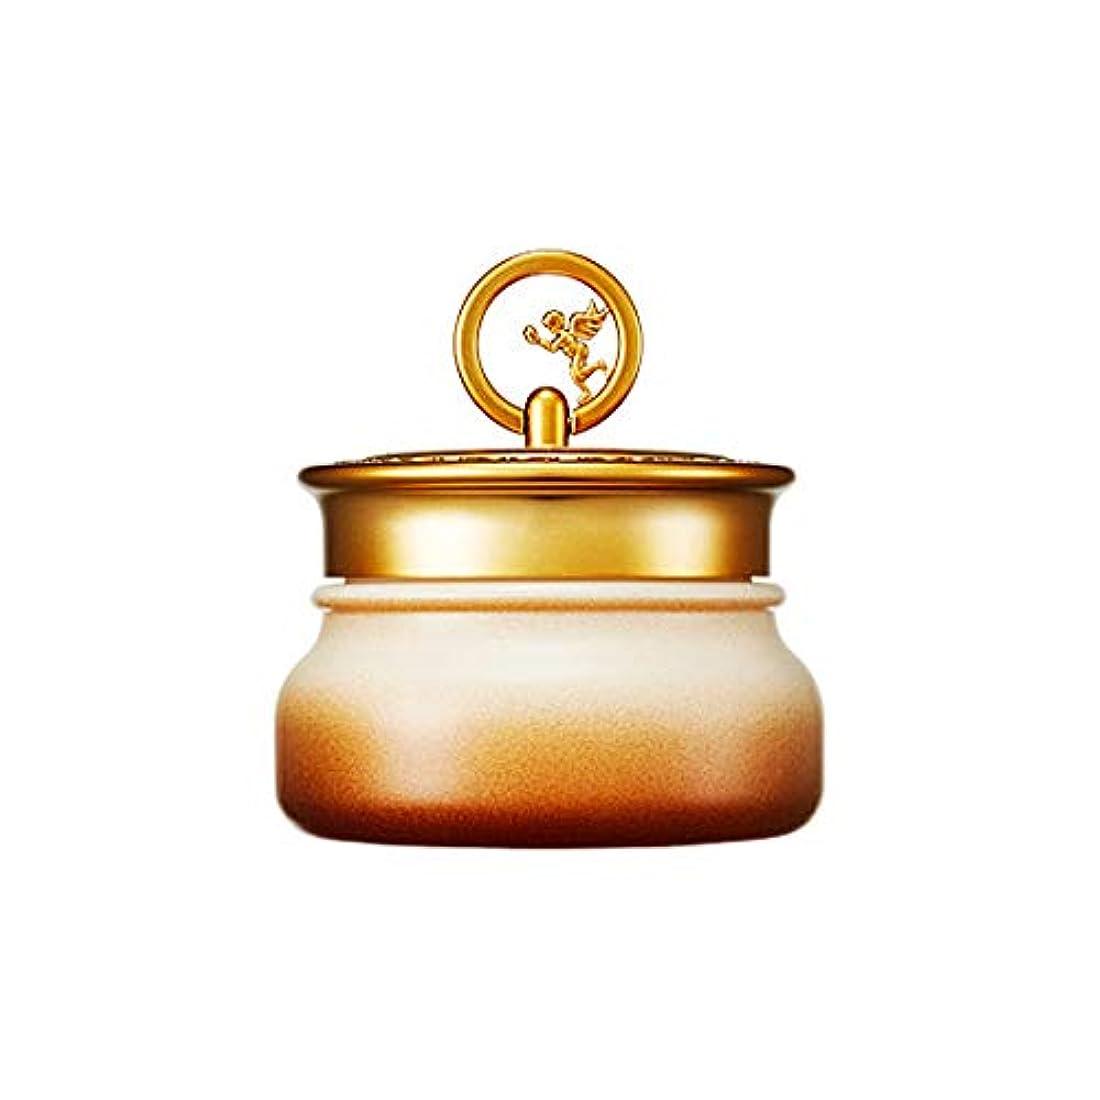 不適並外れたバンクSkinfood ゴールドキャビアクリーム(しわケア) / Gold Caviar Cream (wrinkle care) 45g [並行輸入品]